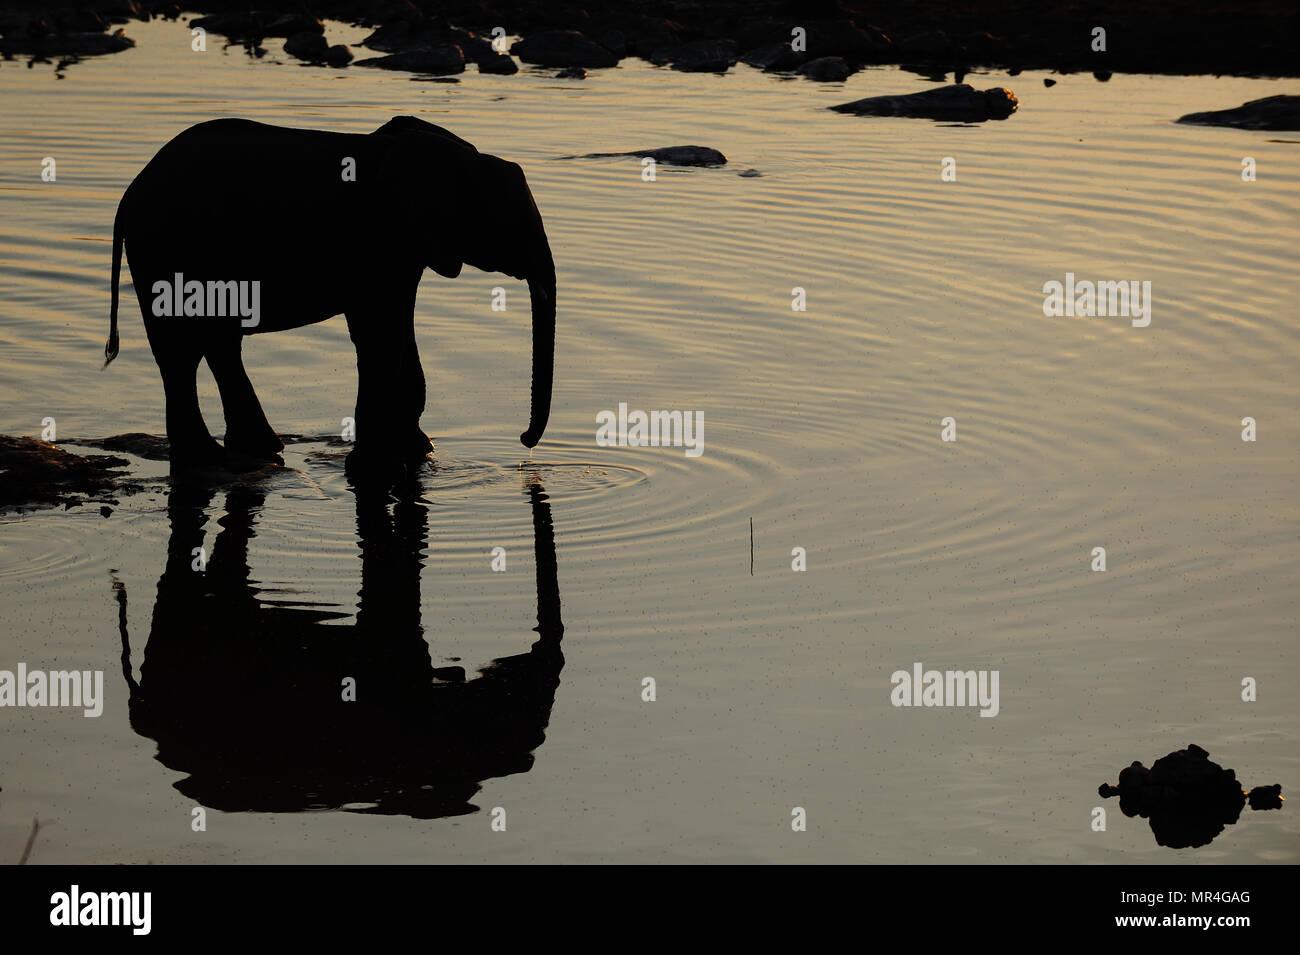 African elephant  at a waterhole with reflection, etosha nationalpark, namibia, (loxodonta africana) - Stock Image